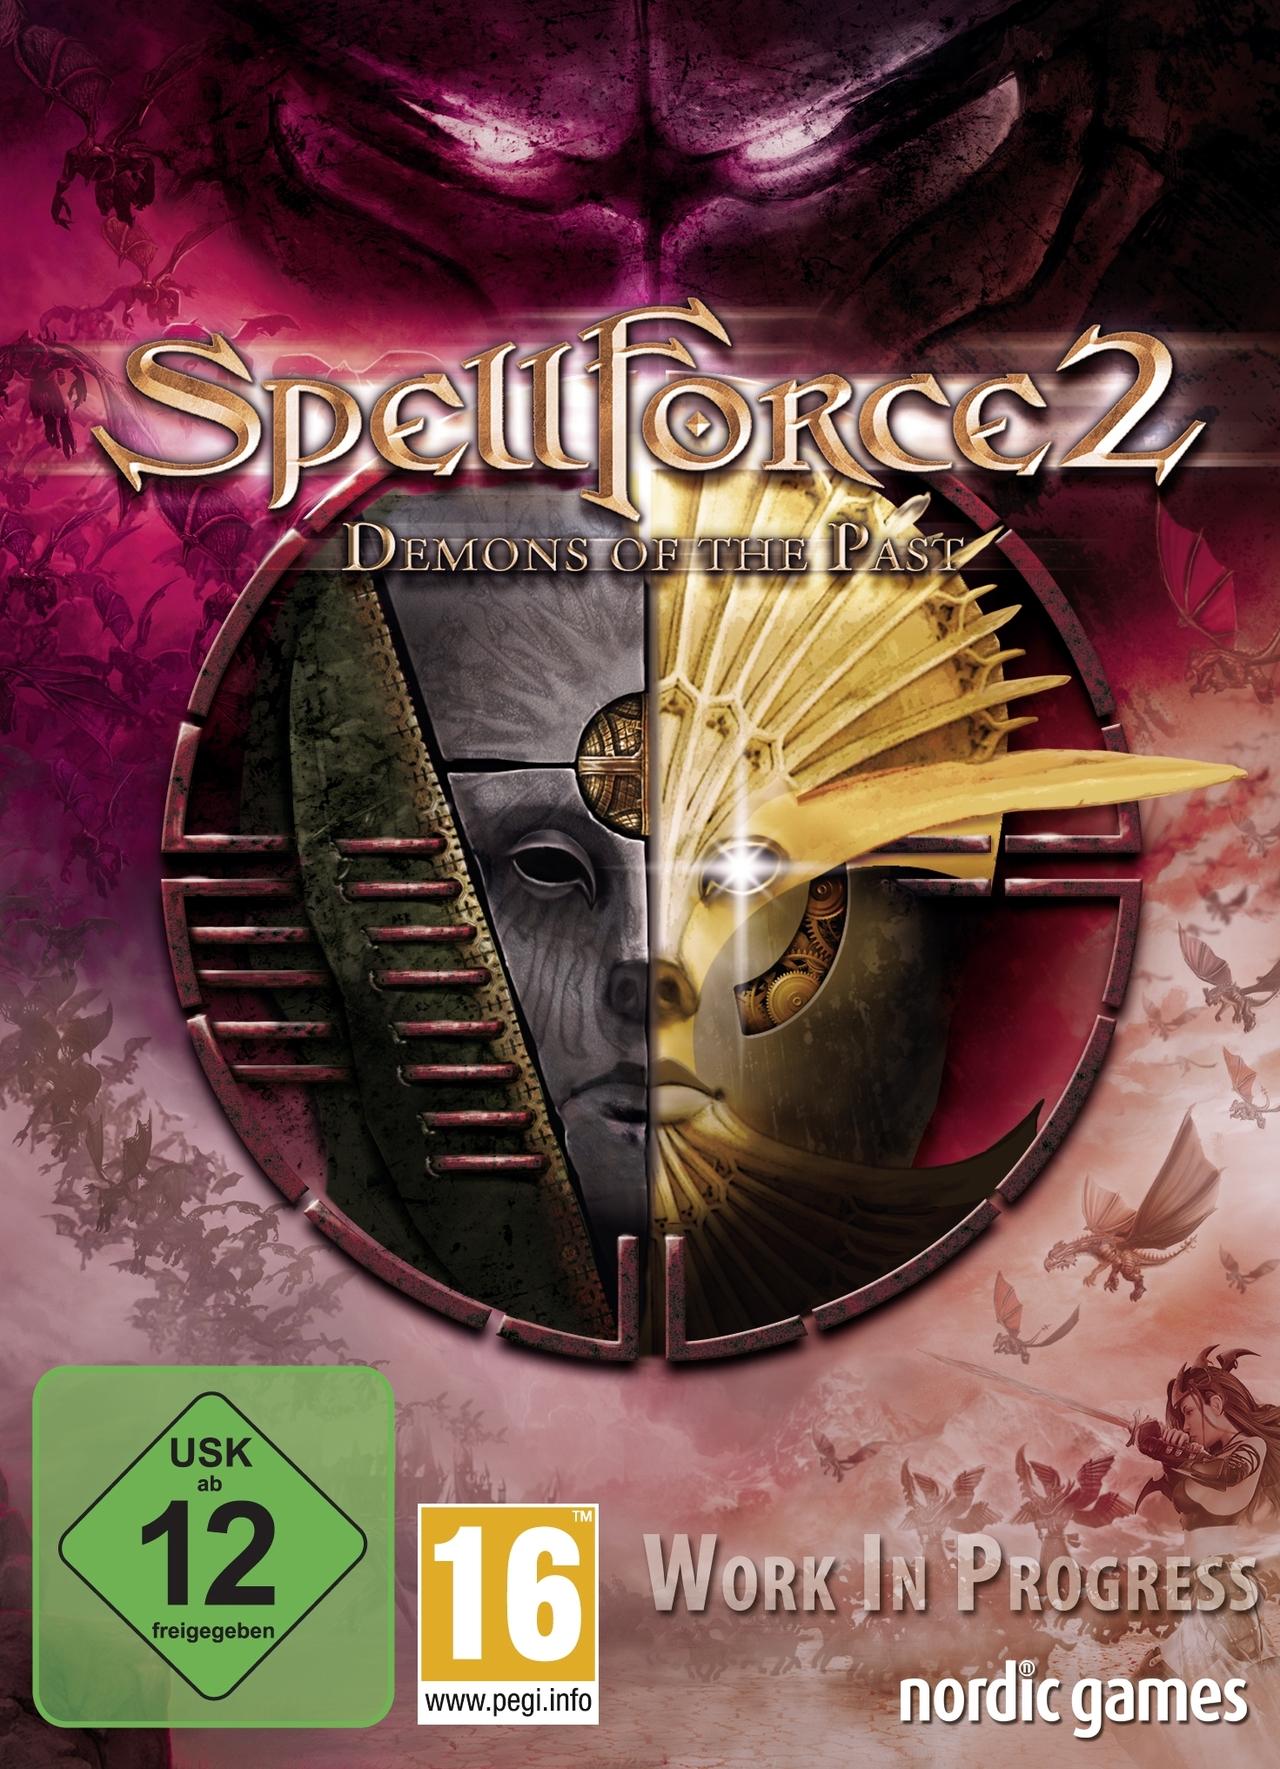 SpellForce2-DemonsOfThePast PC Jaquette 001